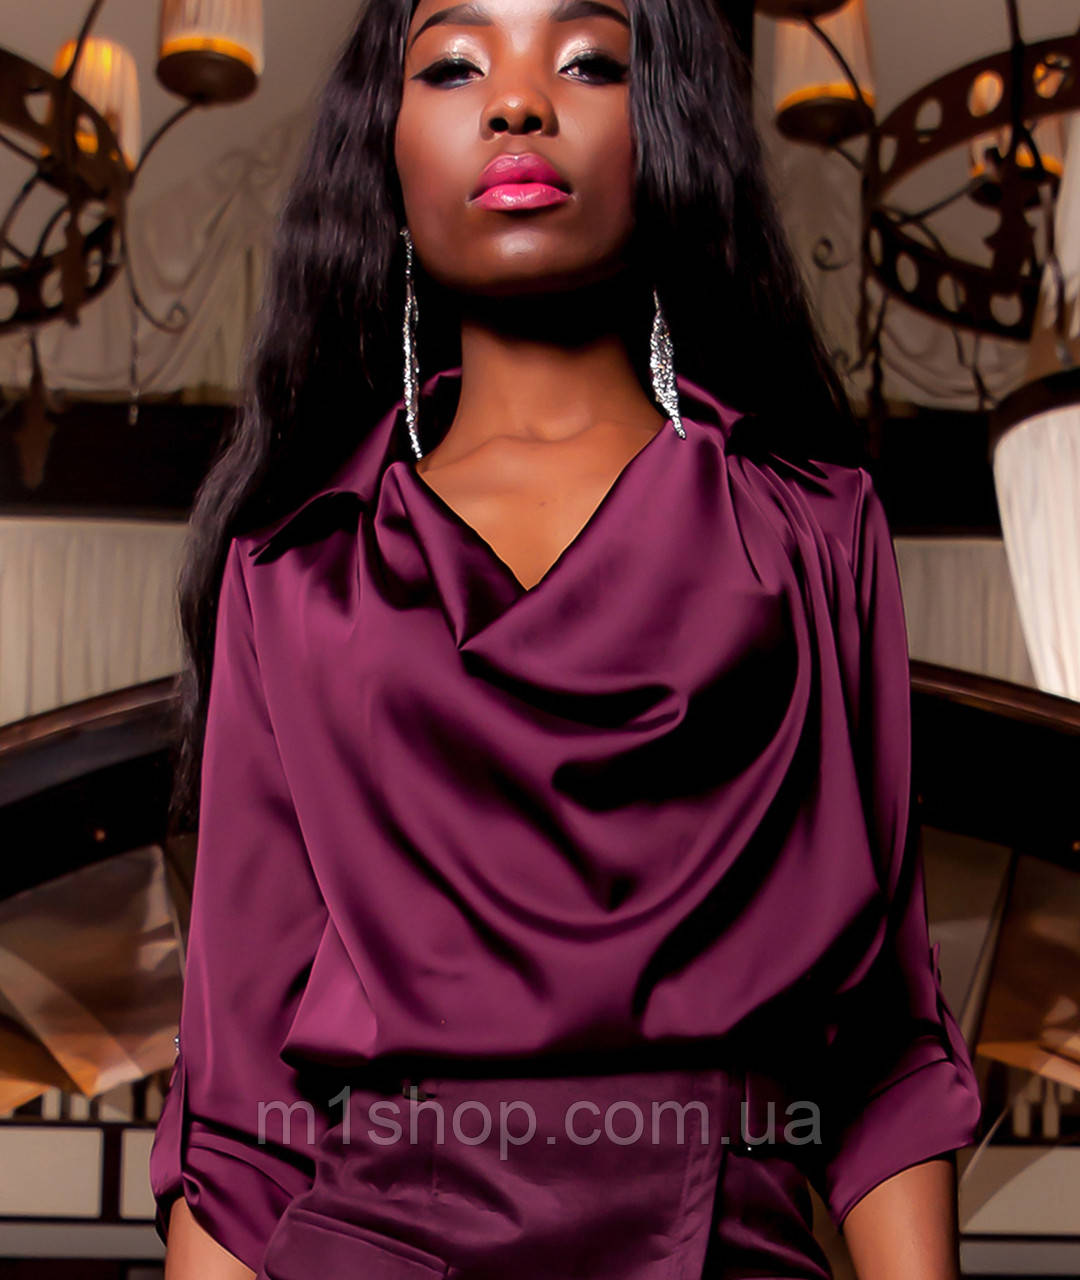 Женская красивая шелковая блузка (Кантилиjd)